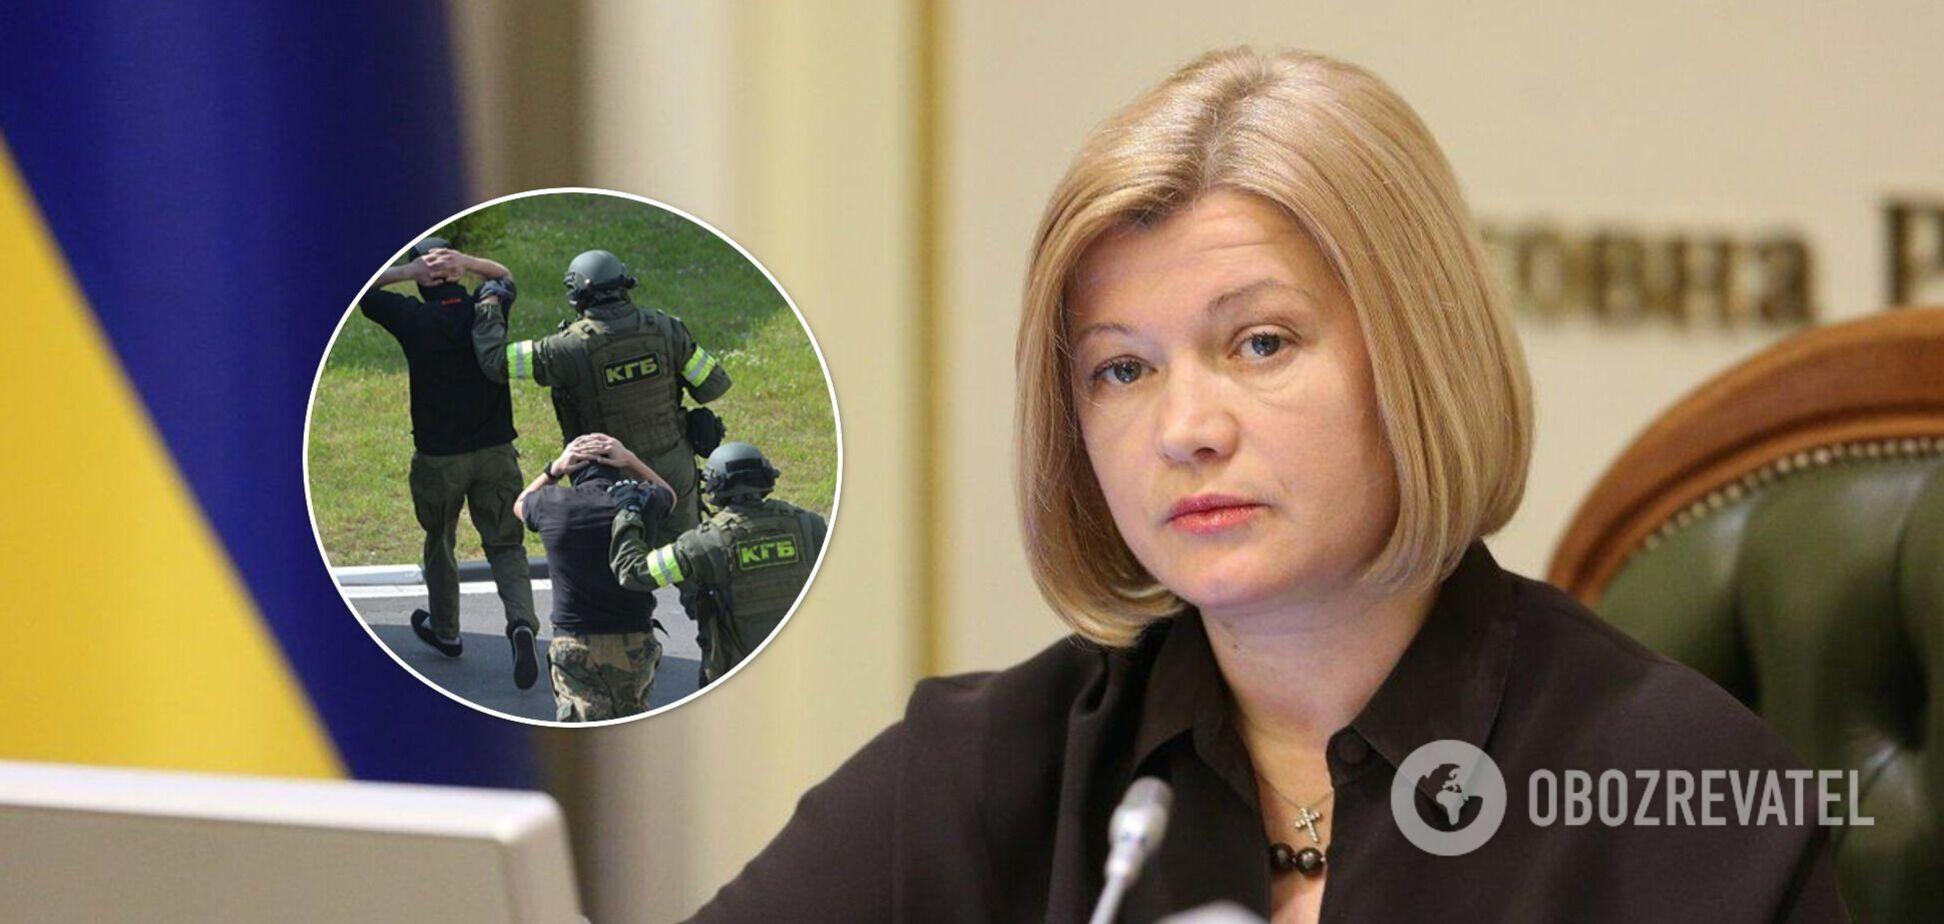 Геращенко – о сравнении операции по 'вагнеровцам' с перехватом рейса Ryanair: мир аплодировал бы украинским спецслужбам